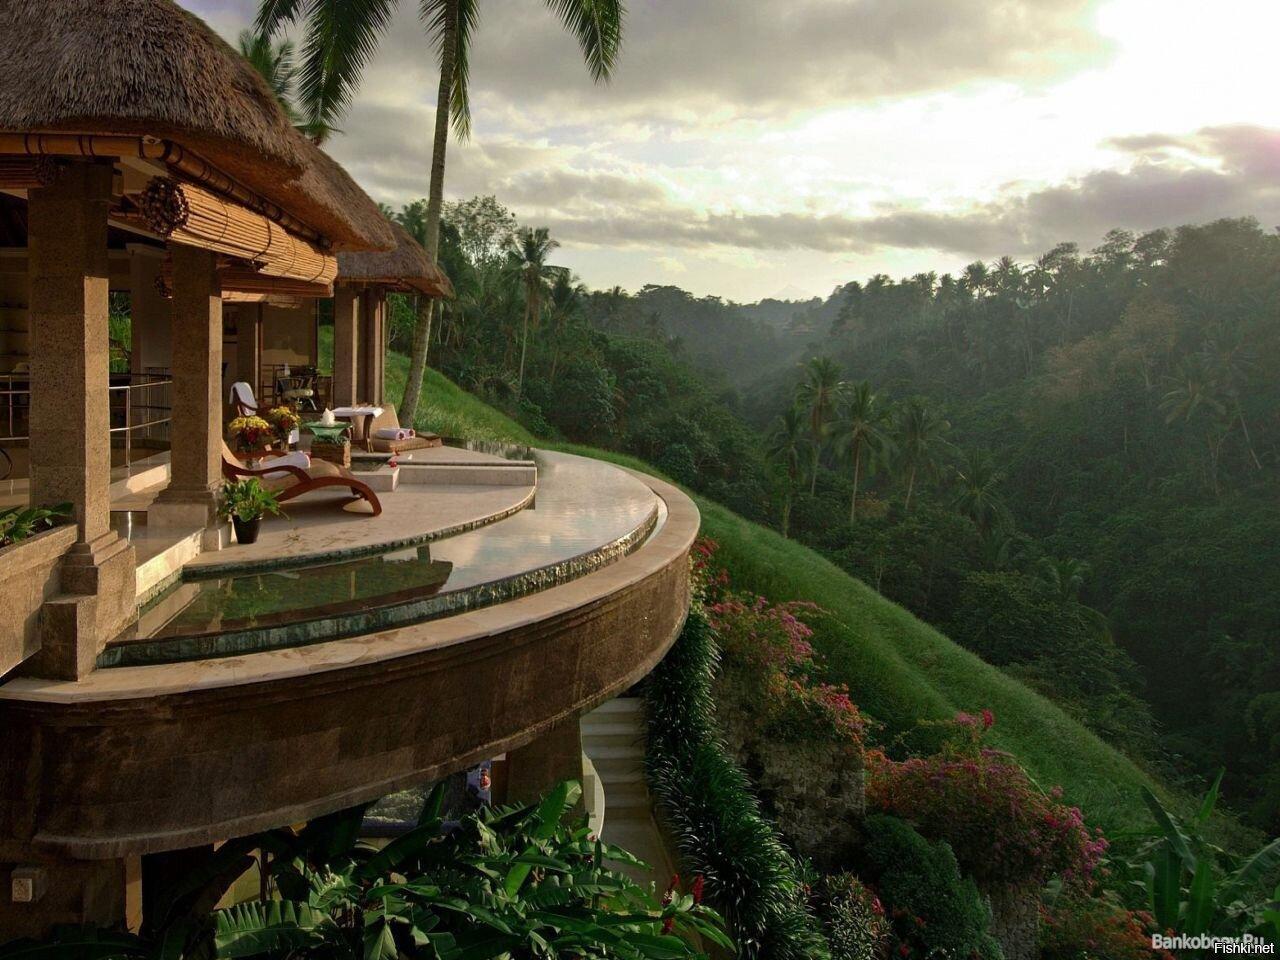 Хочется всем и каждому пожелать таких (или примерно таких) пейзажей по утрам